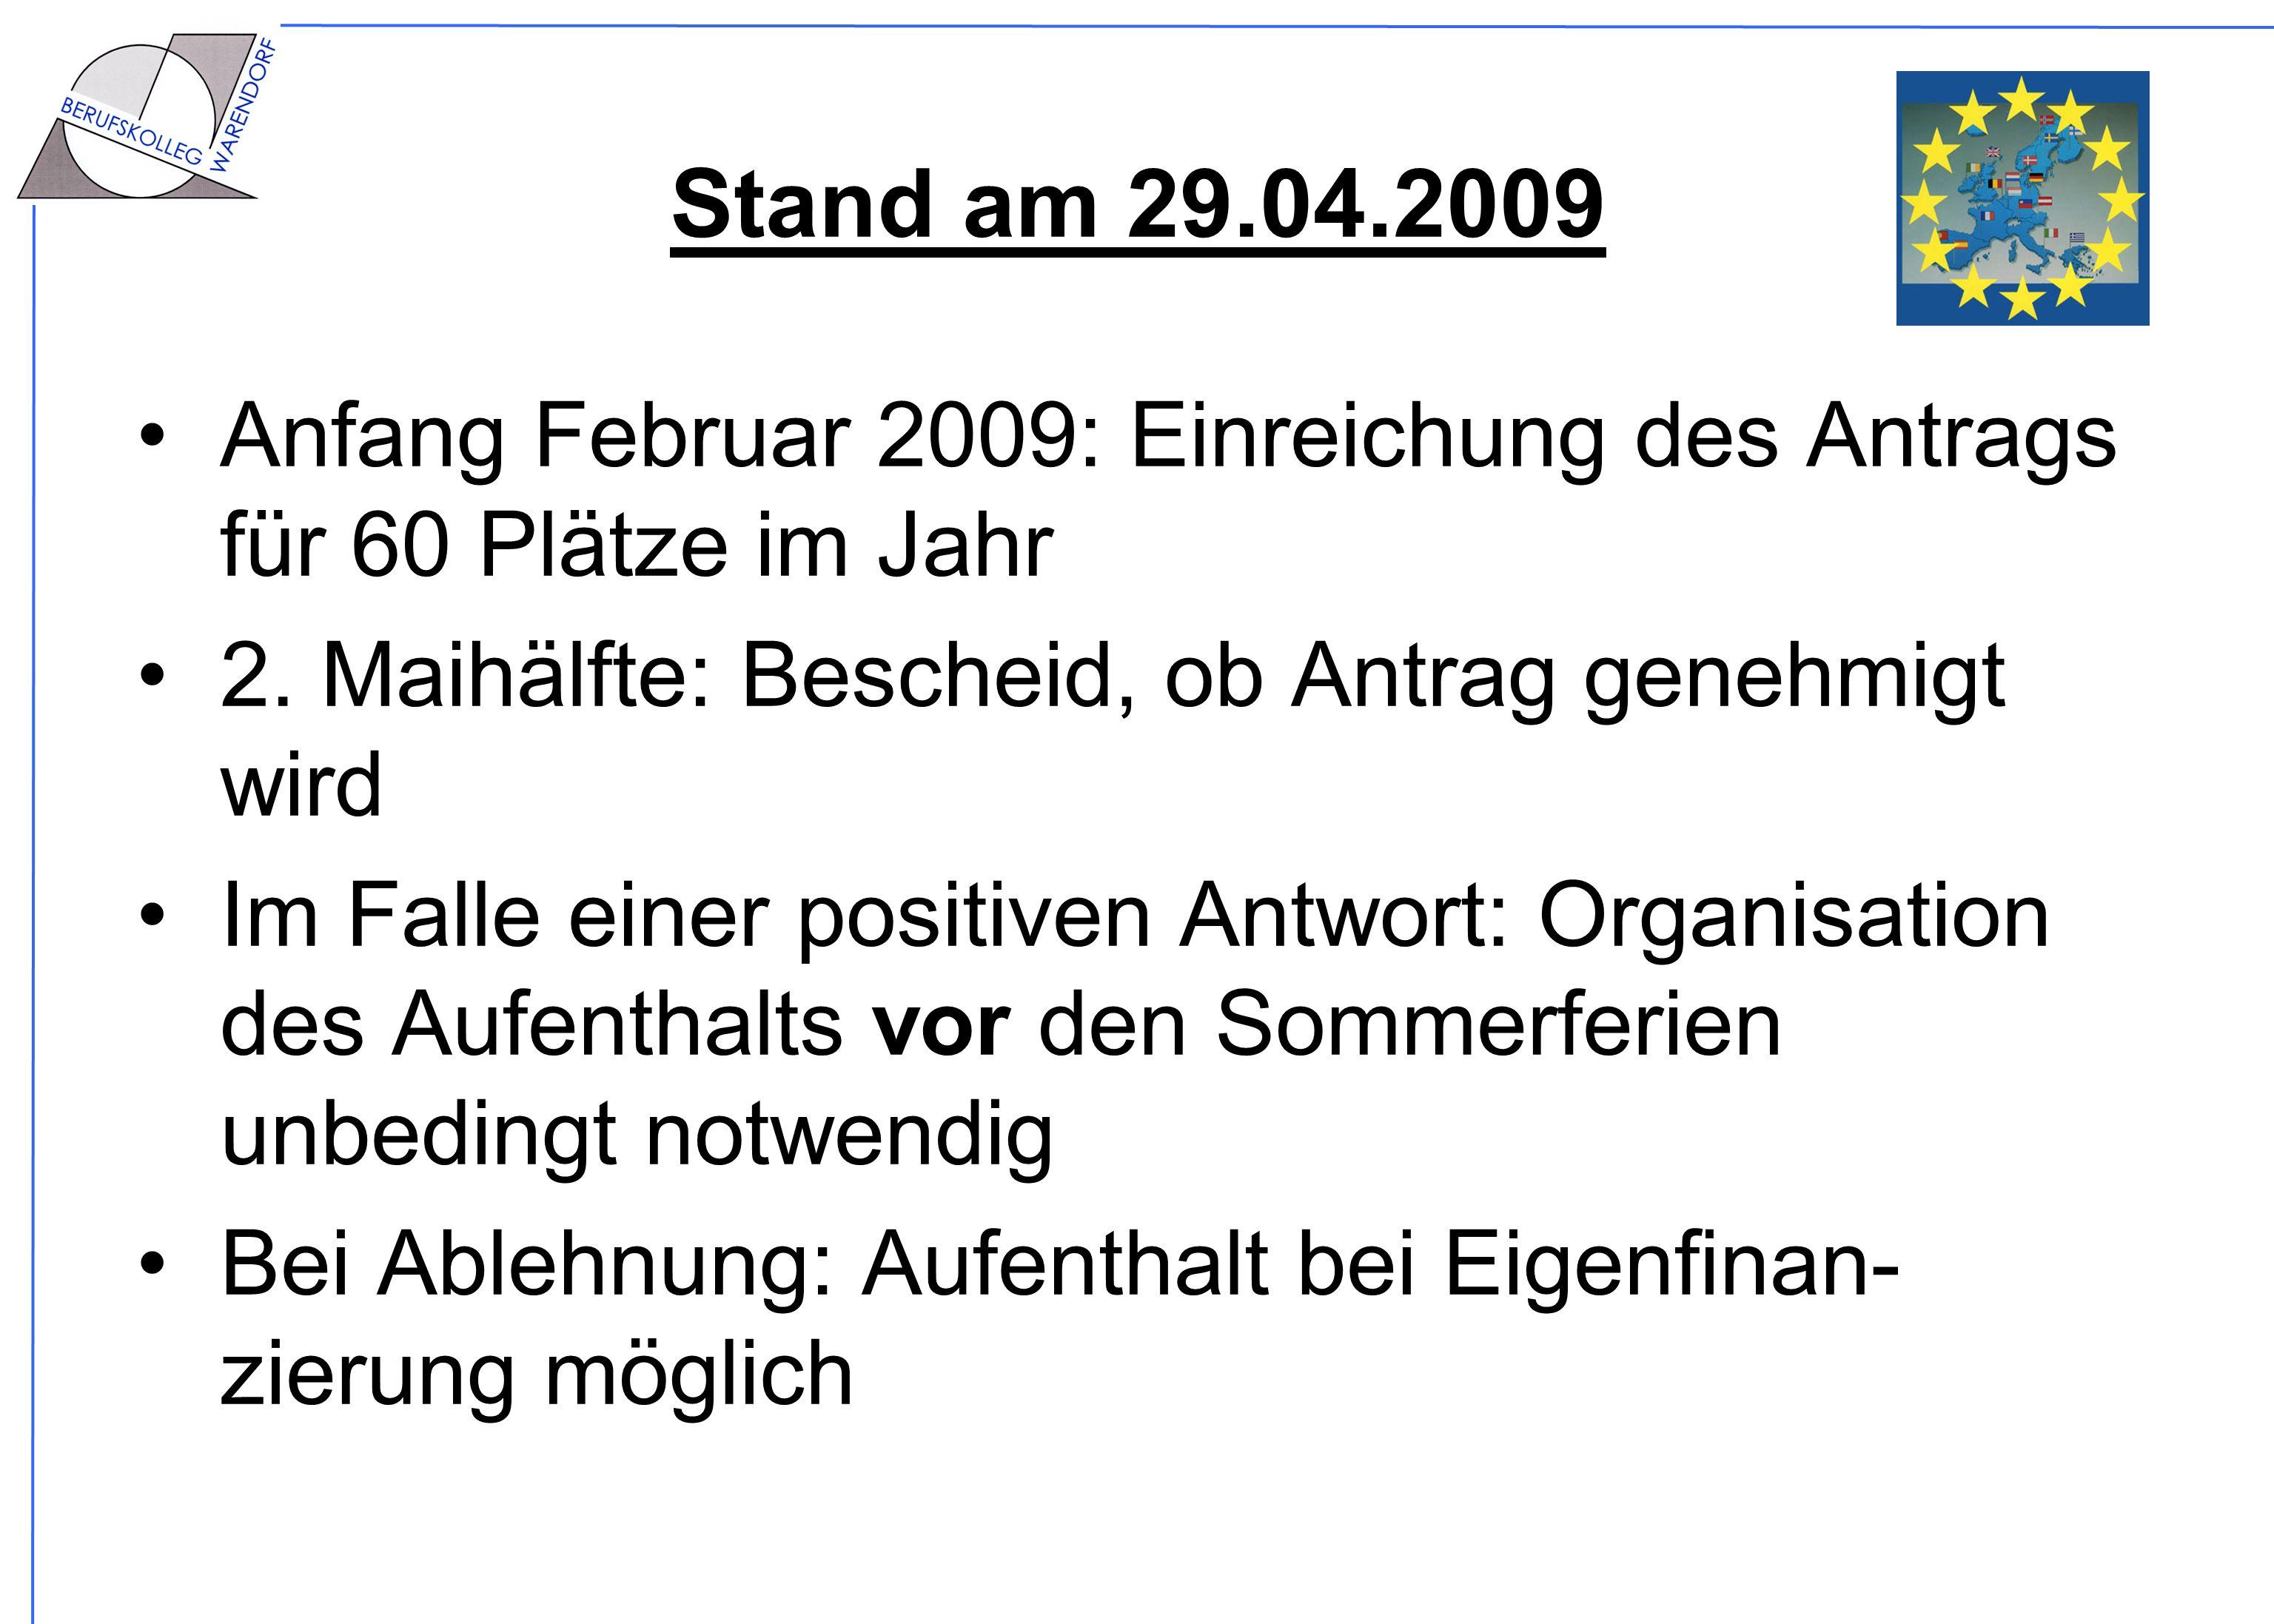 Stand am 29.04.2009 Anfang Februar 2009: Einreichung des Antrags für 60 Plätze im Jahr 2. Maihälfte: Bescheid, ob Antrag genehmigt wird Im Falle einer